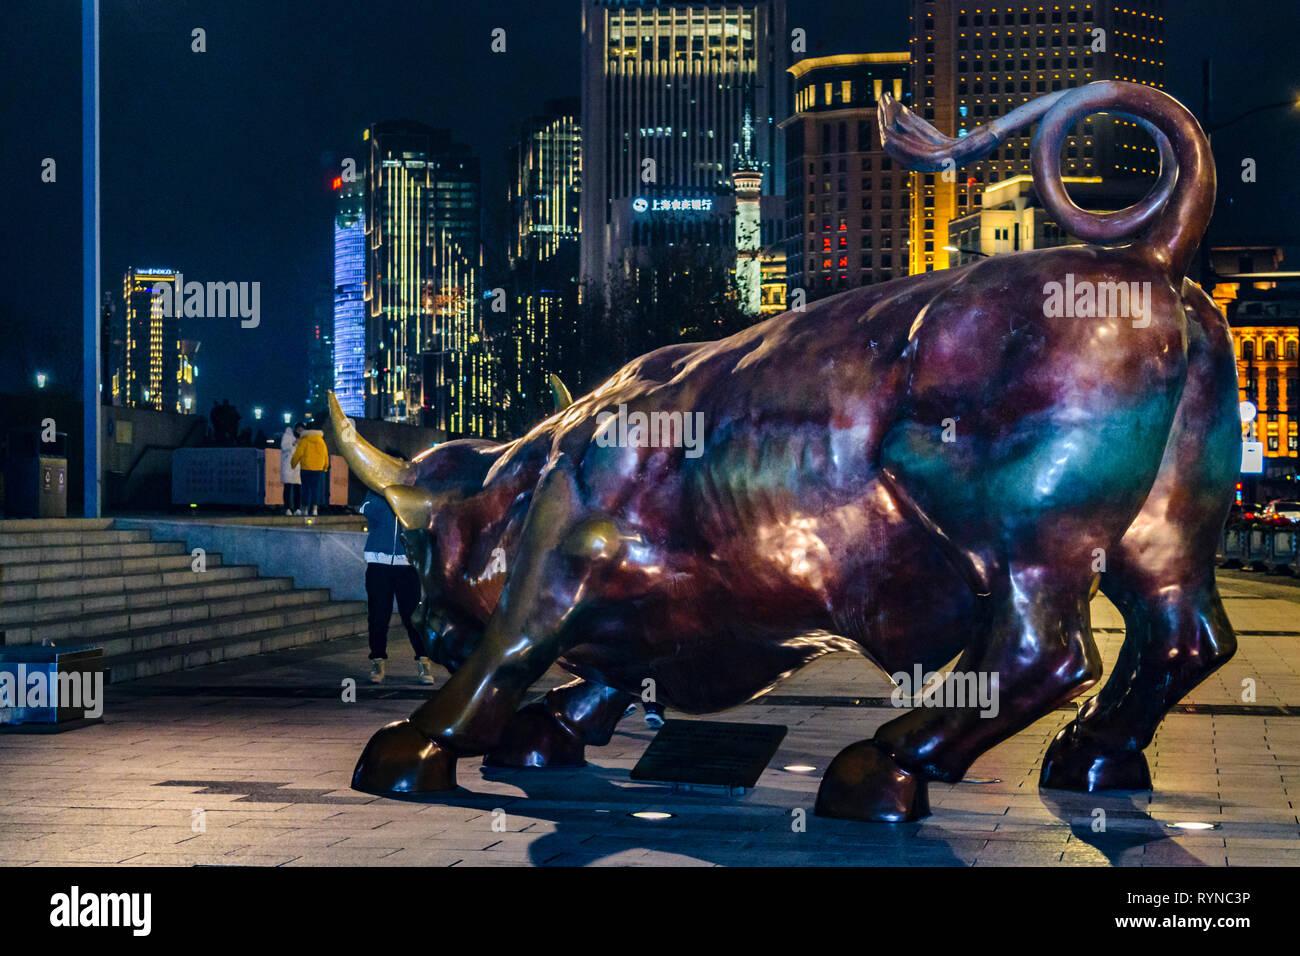 SHANGHAI, CHINE, 2018 - décembre - scène de nuit urbaine illustrant la célèbre sculpture de Bull au Bund de Shanghai zone city, Chine Banque D'Images